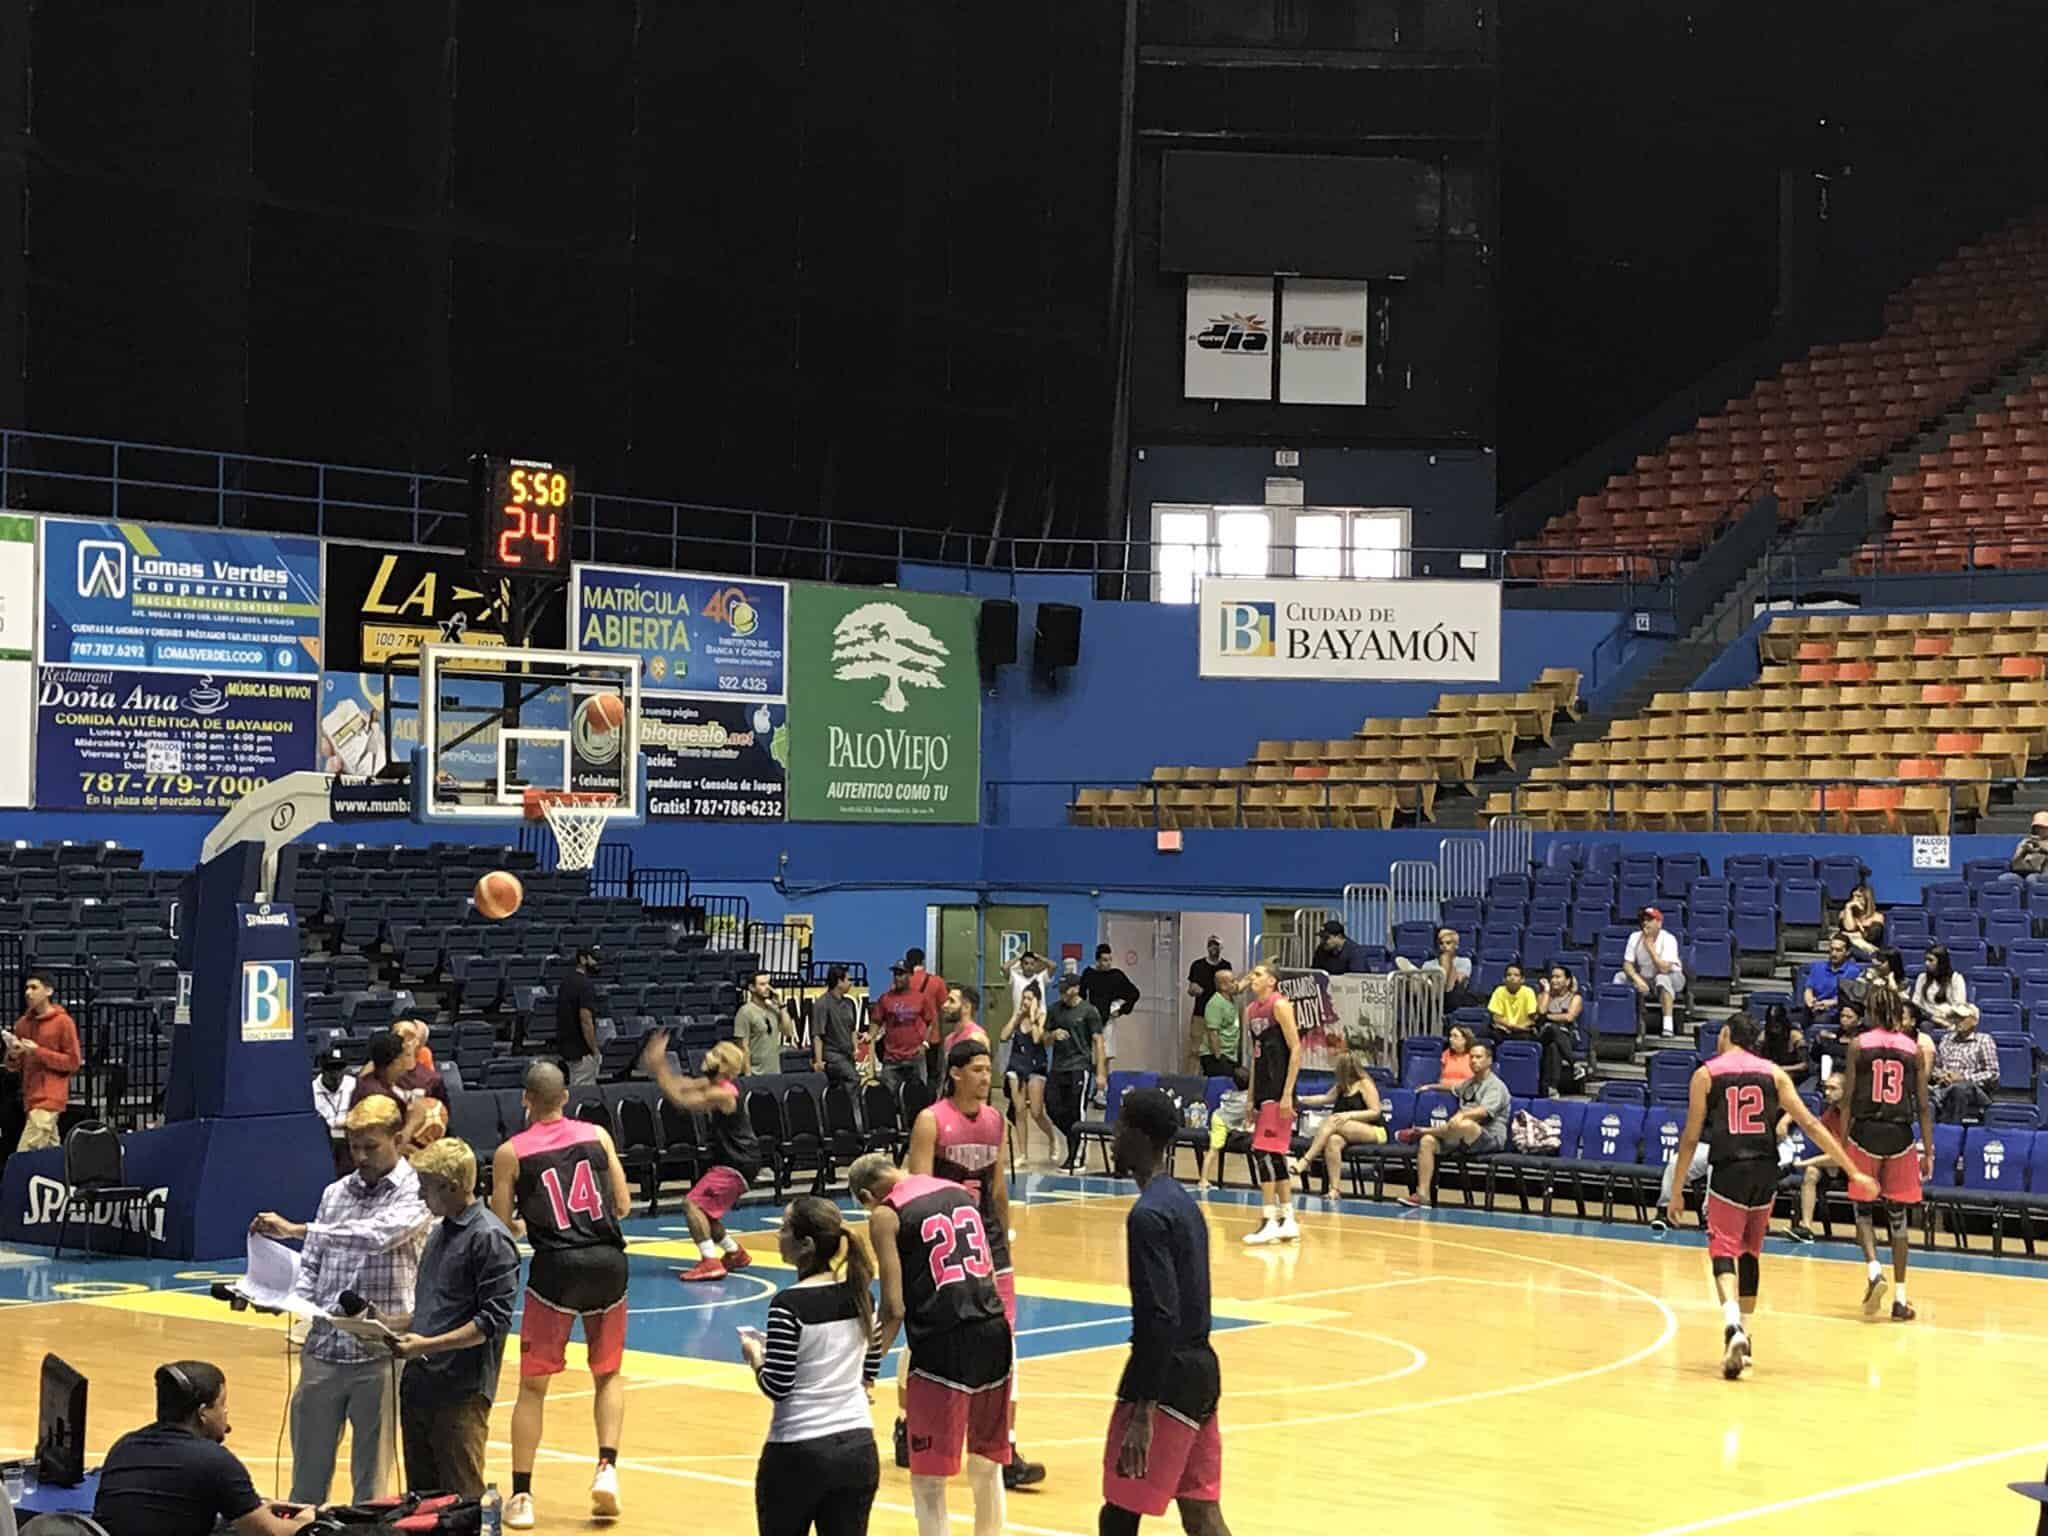 UMET toma ventaja en la final de baloncesto masculino LAI